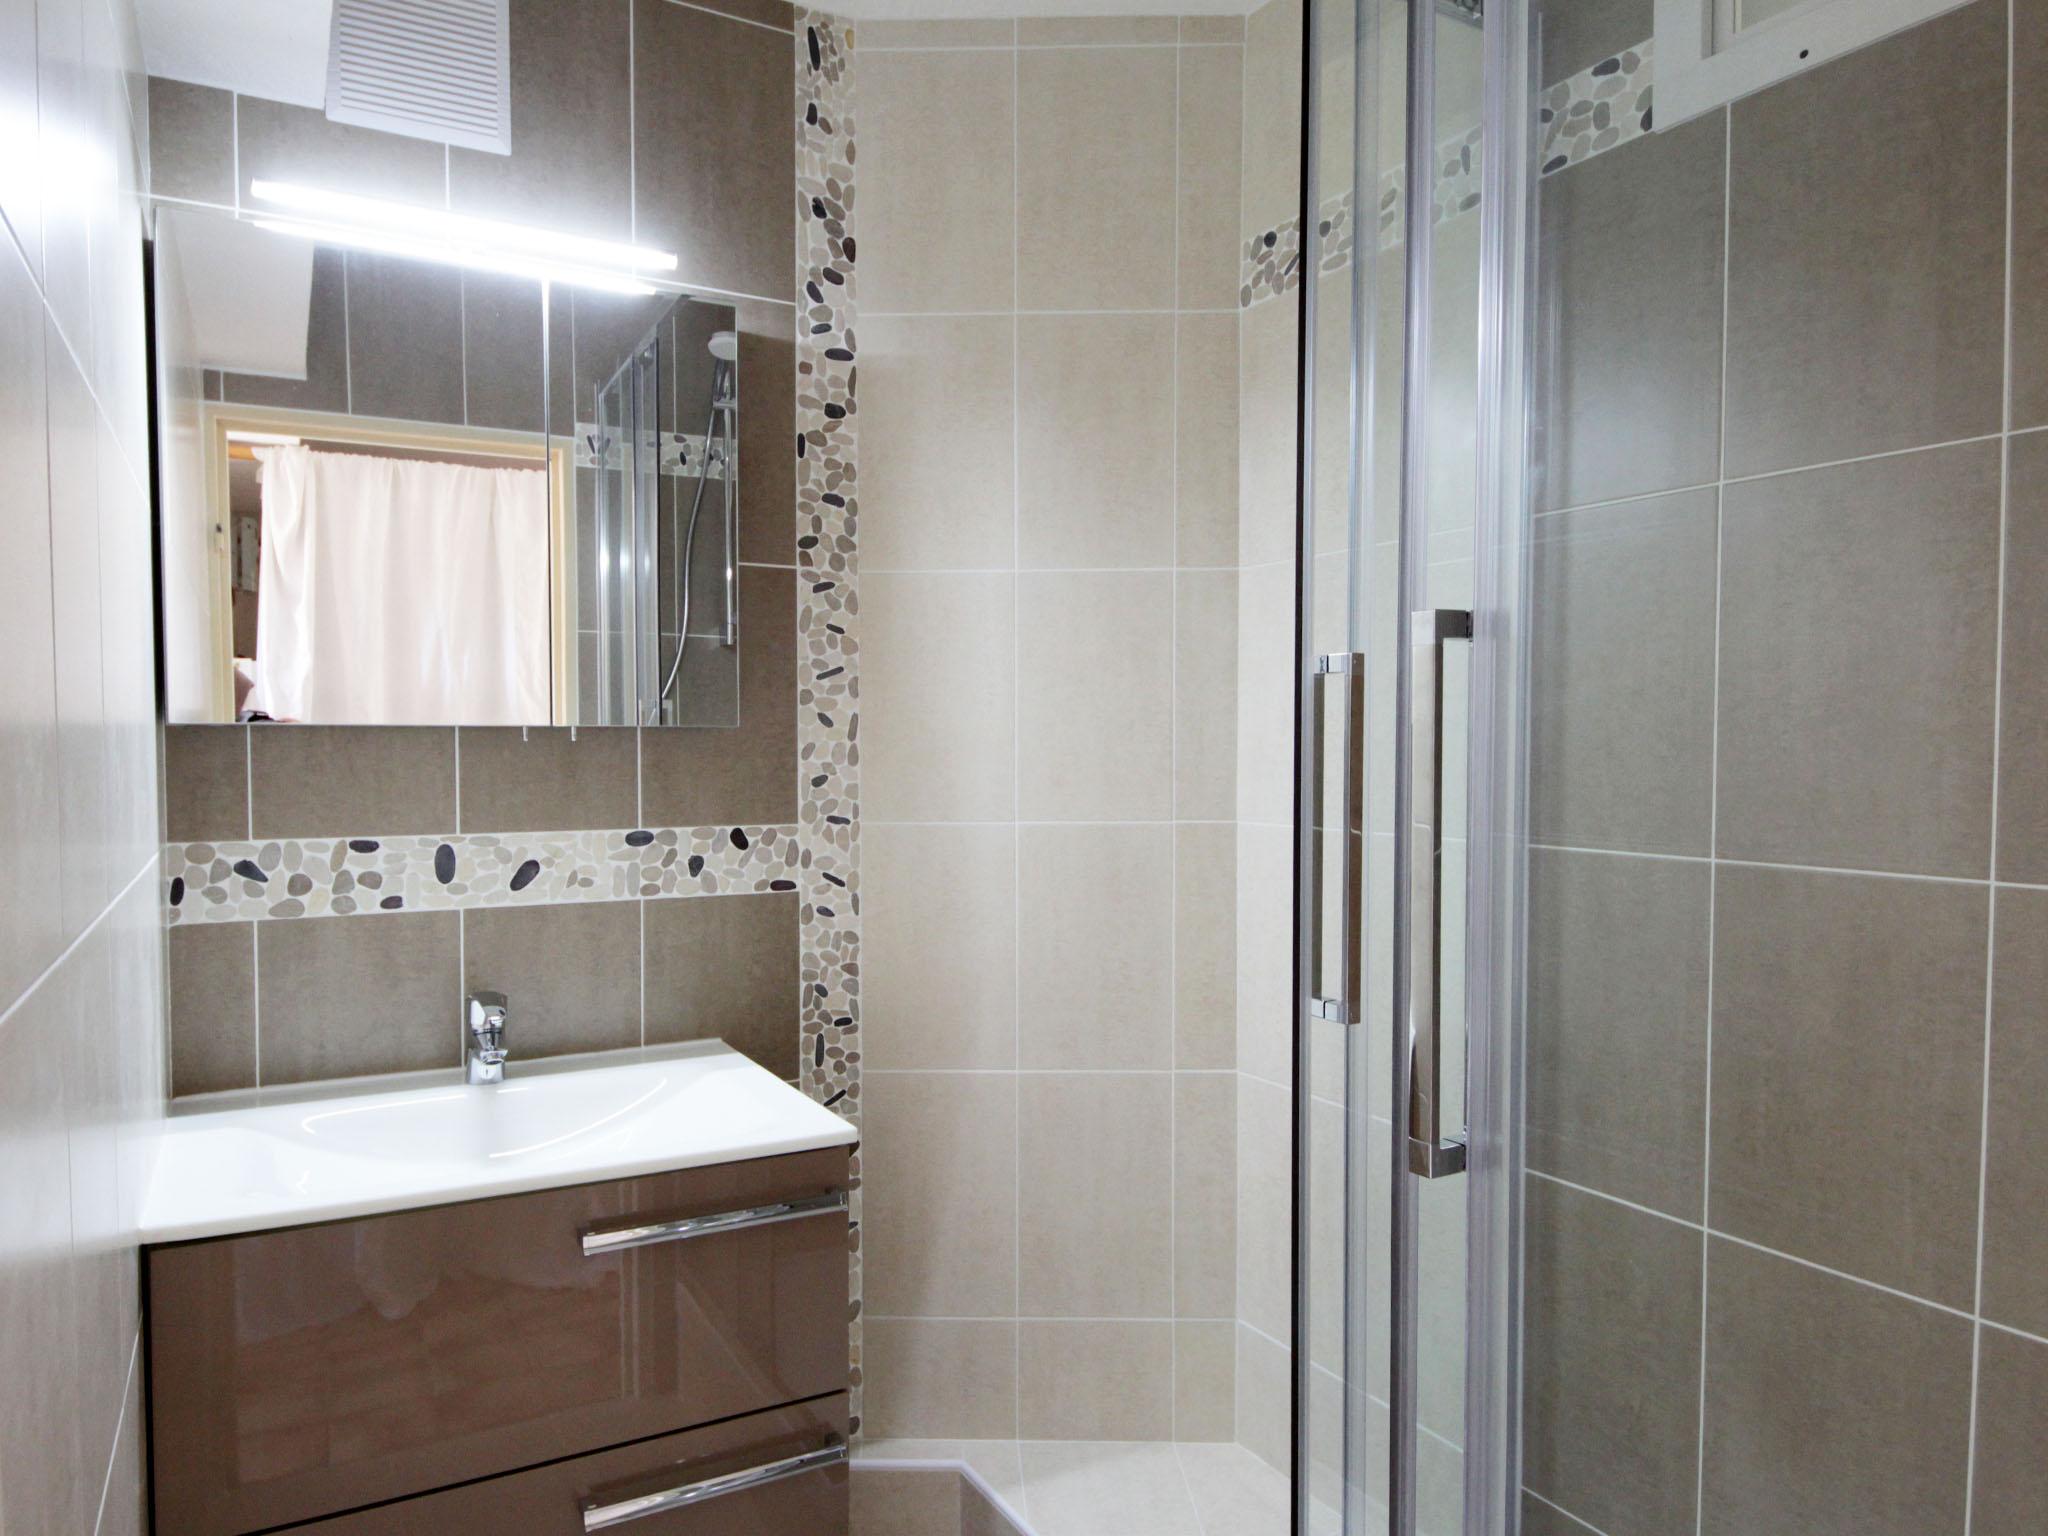 Carrelage Sol Interieur Renovation travaux de renovation d'interieur : cuisine, salle de bains